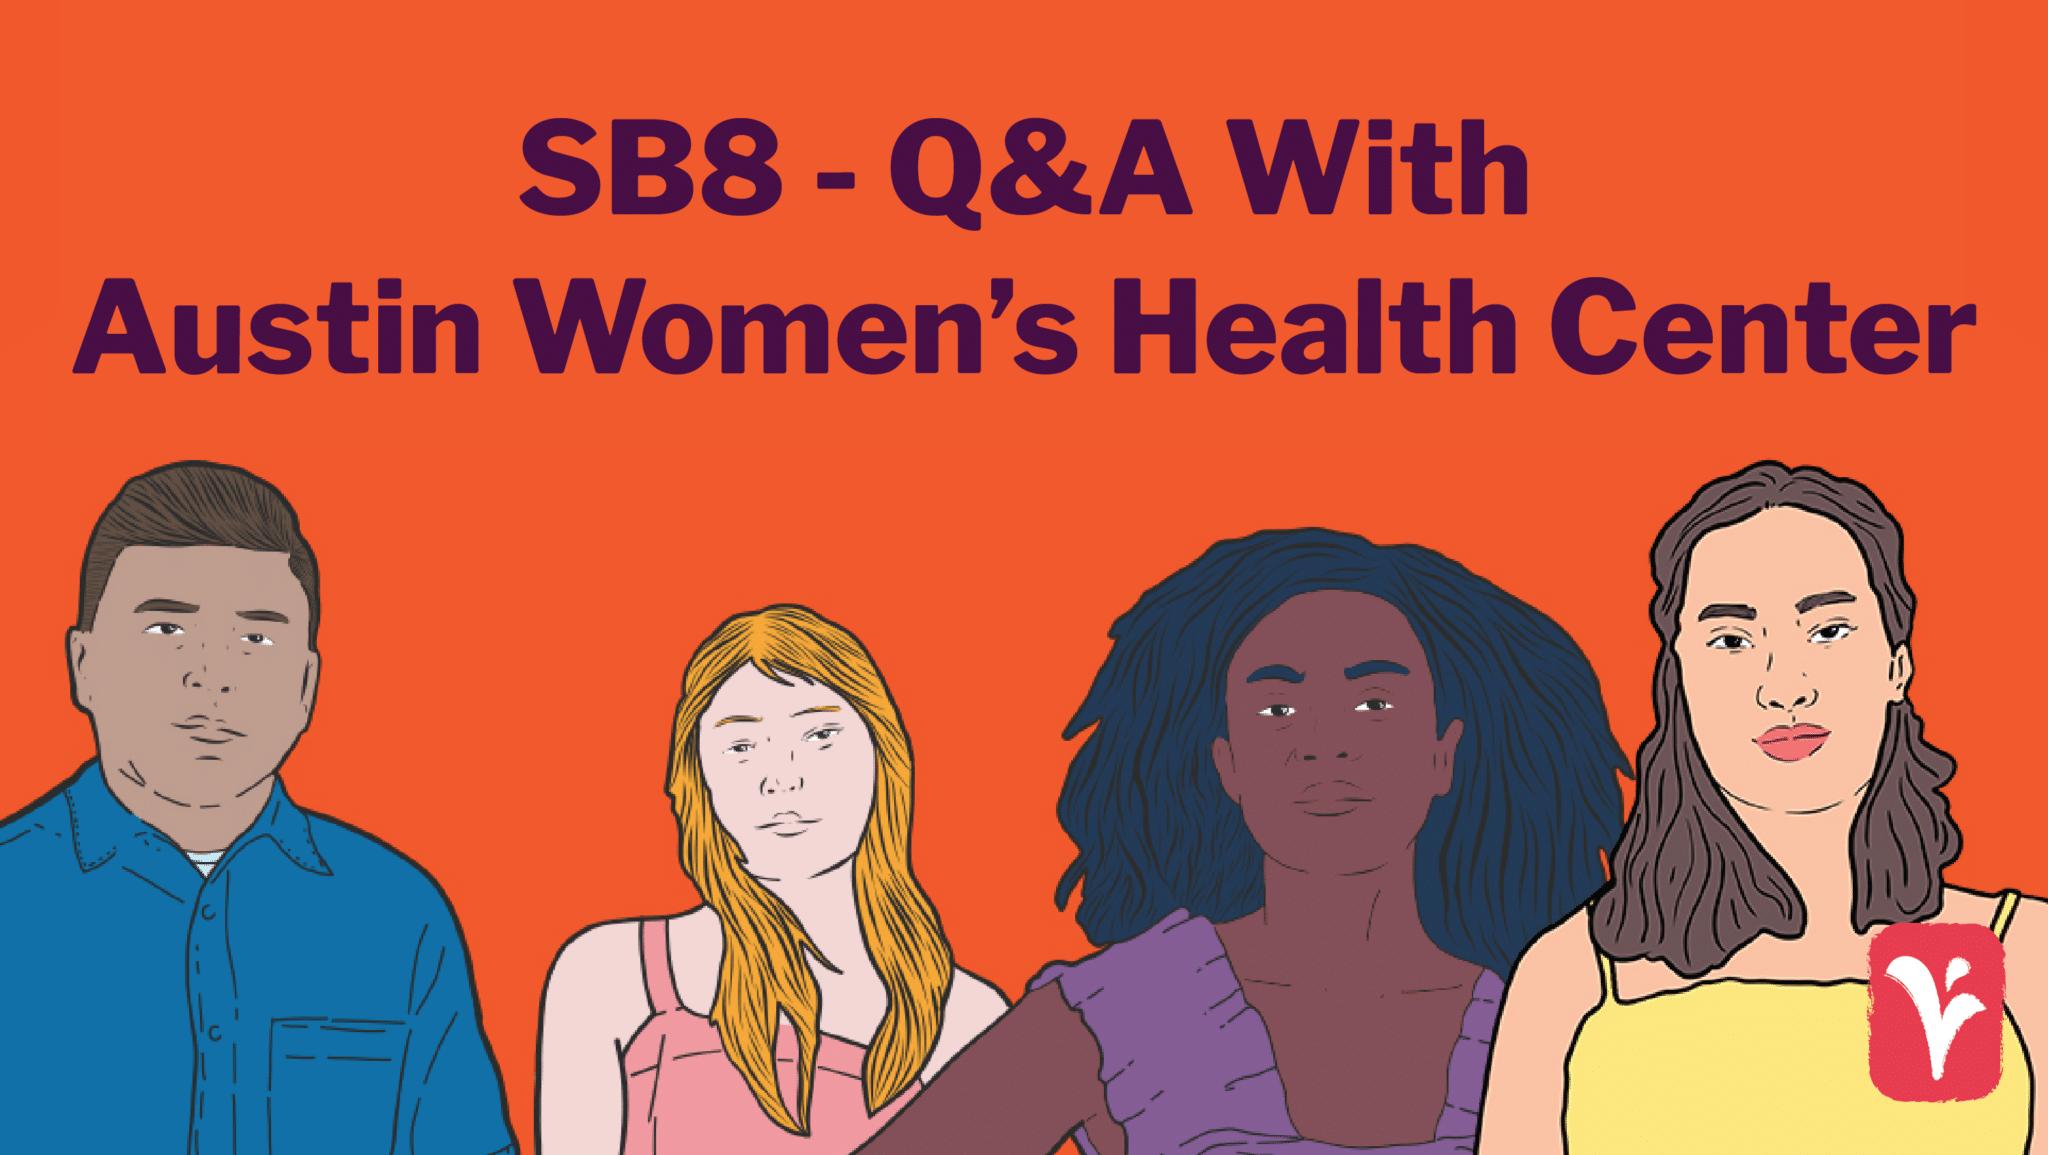 SB8 Q&A Blog